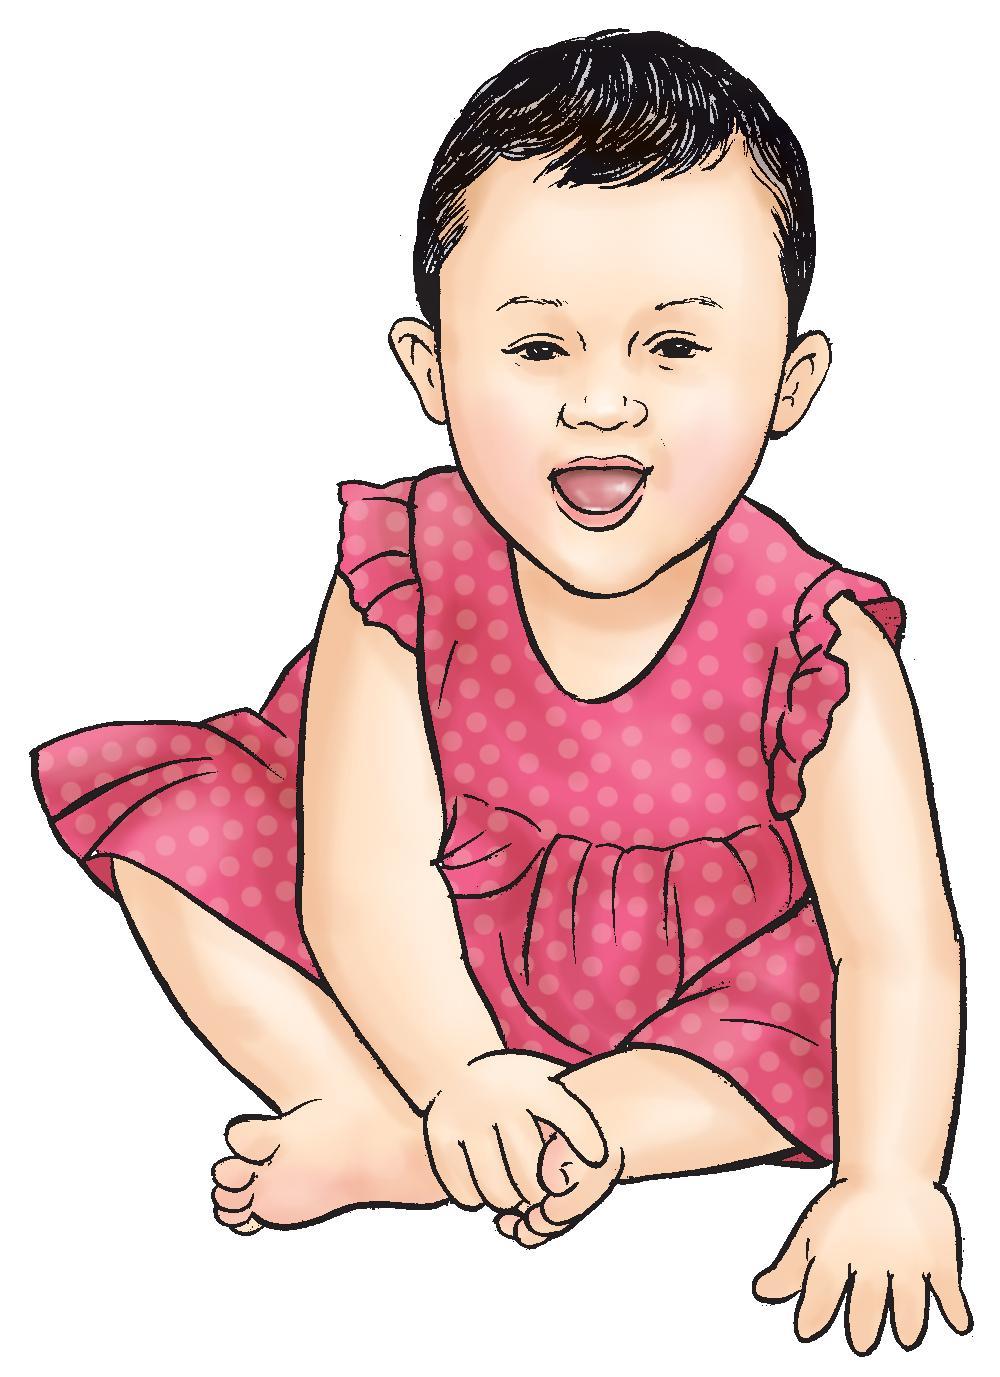 People - Healthy baby girl 9-12 mo - 01B - Nepal